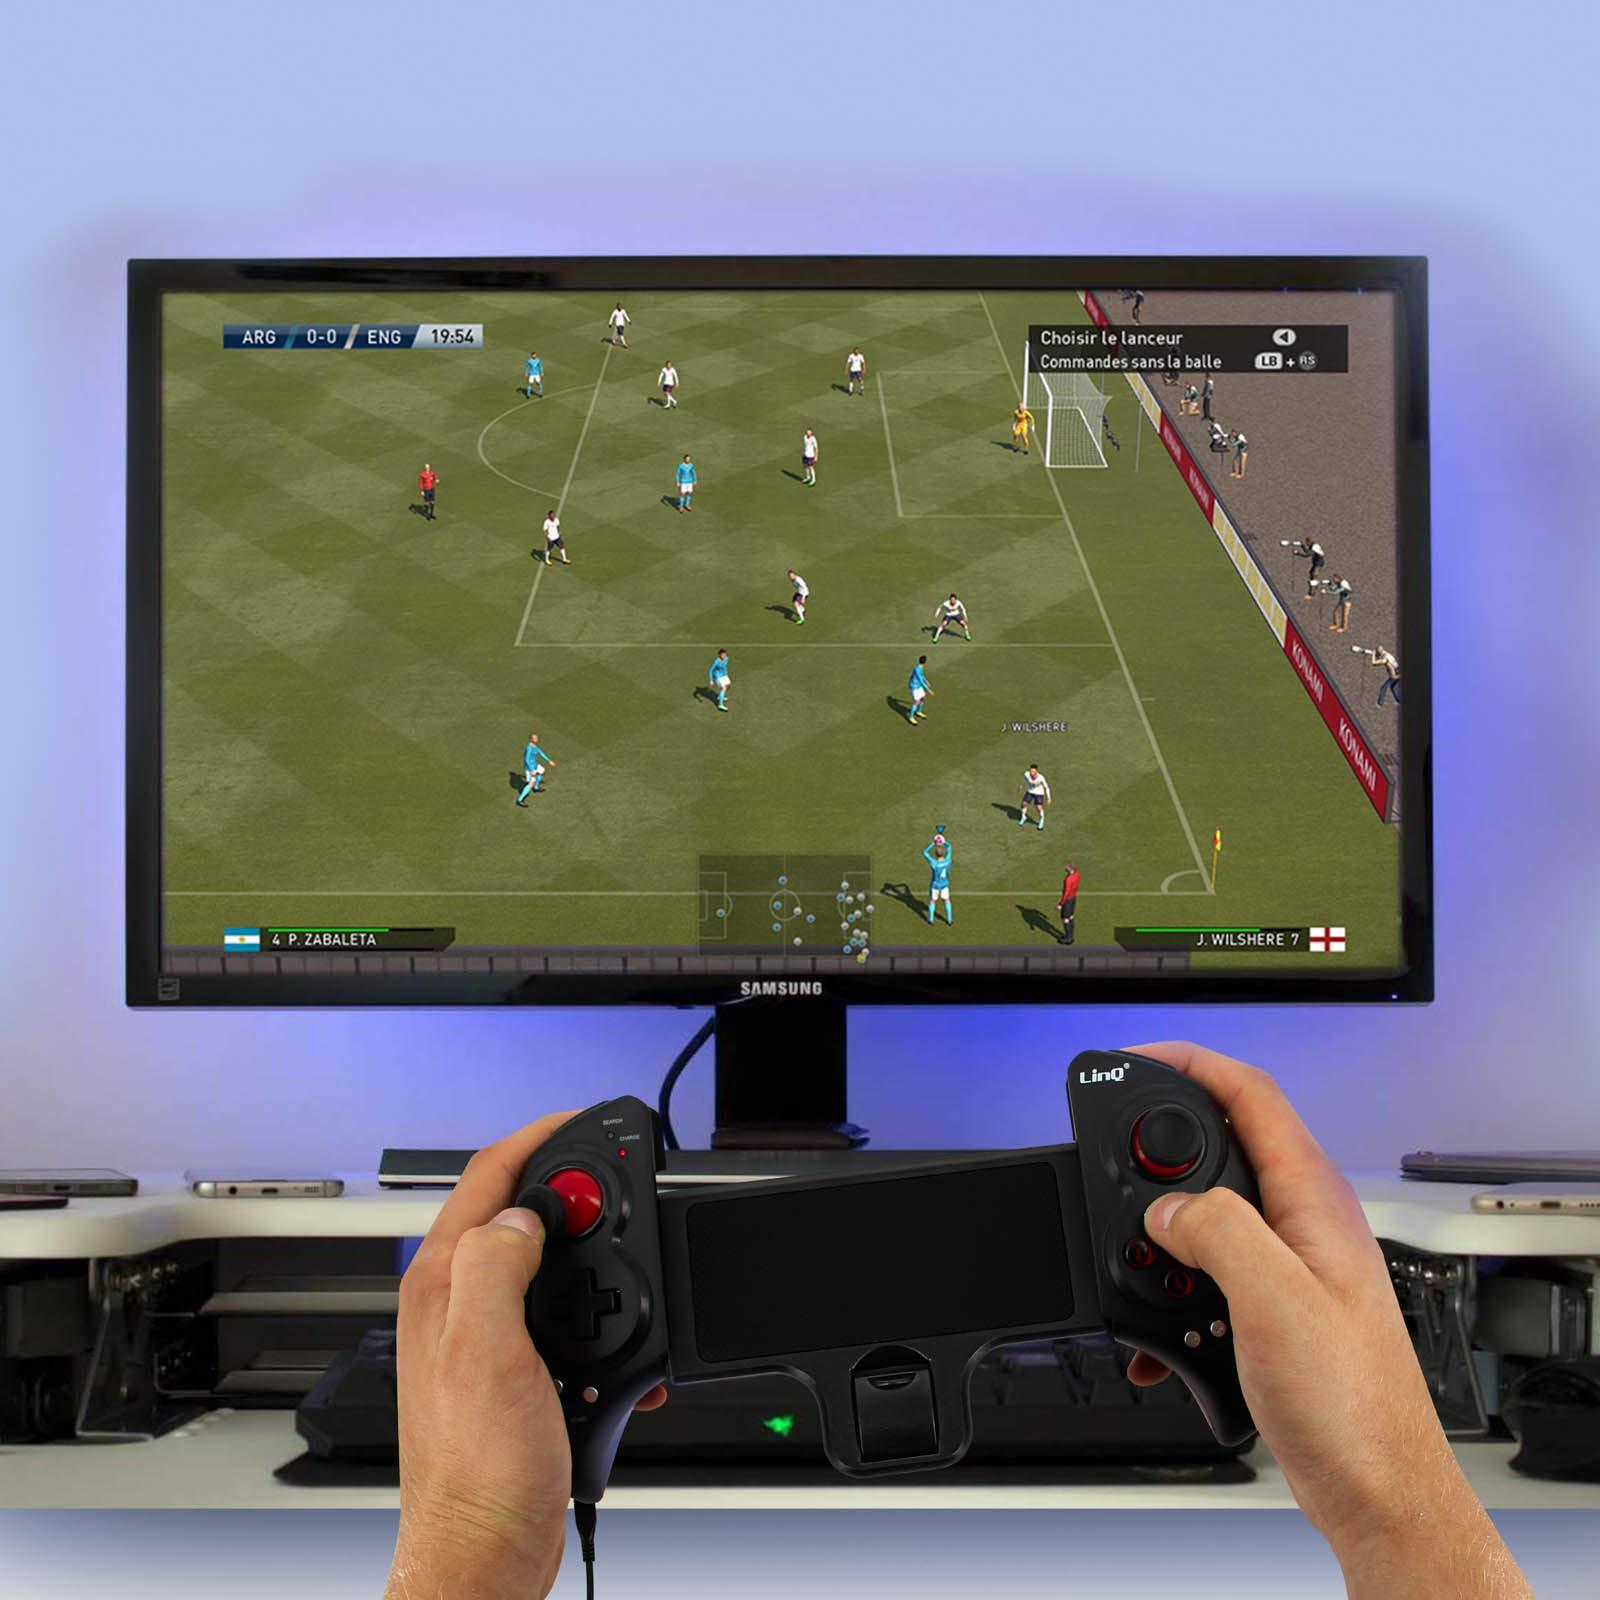 LinQ - Mando inalámbrico extensible para videojuegos con Bluetooth, conexión con cable, autonomía de 10 horas, brazo ajustable de 12 a 26,5 cm, compatible con smartphone/tableta/Android TV, TV Box, Smart TV y